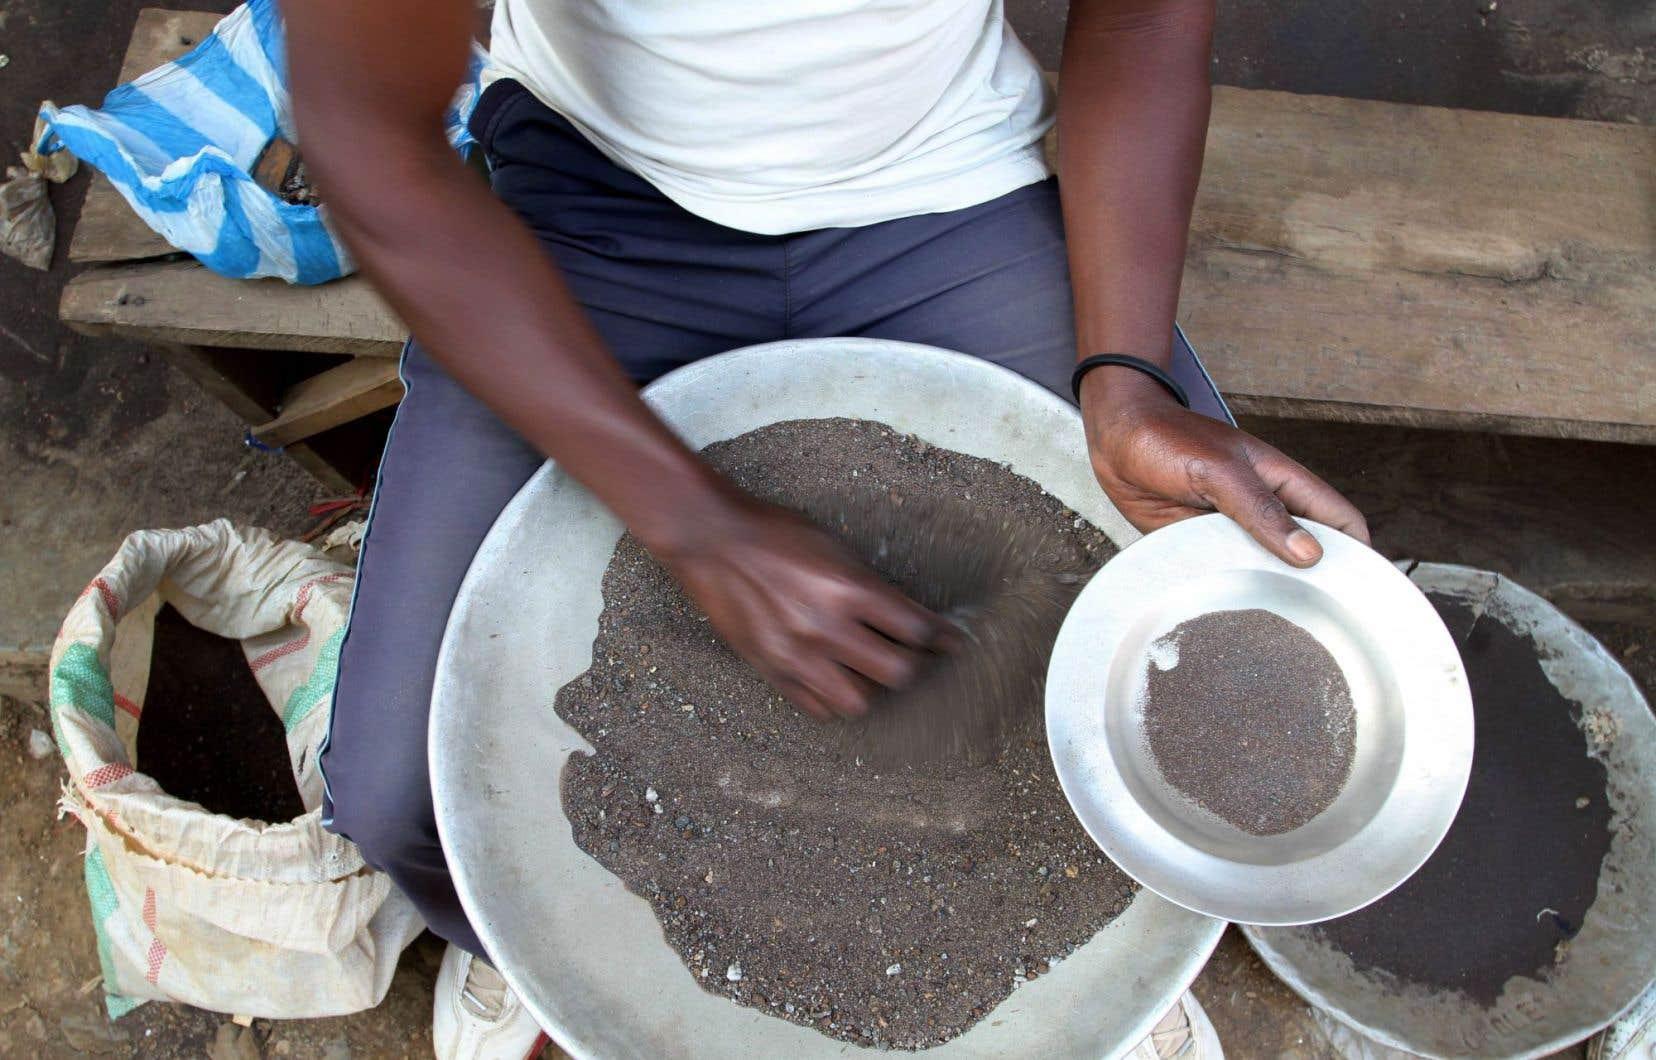 Grâce à l'Initiative mondiale de transparence des industries extractives, Global Witness a pu refaire le chemin emprunté par l'argent tiré des revenus miniers.